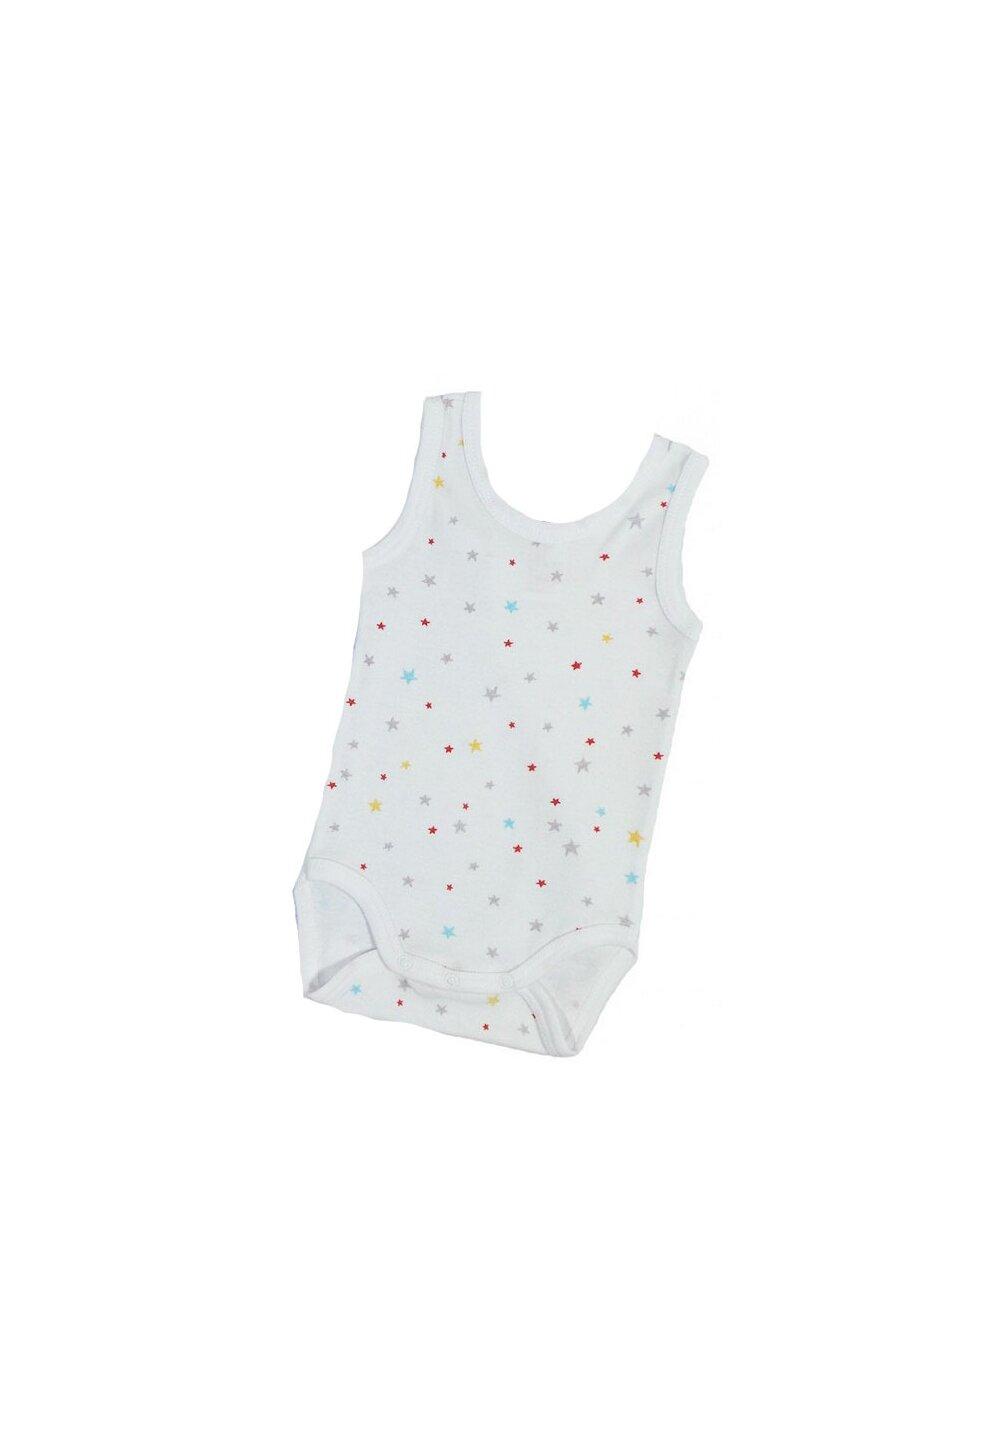 Body maieu, Little stars, alb imagine